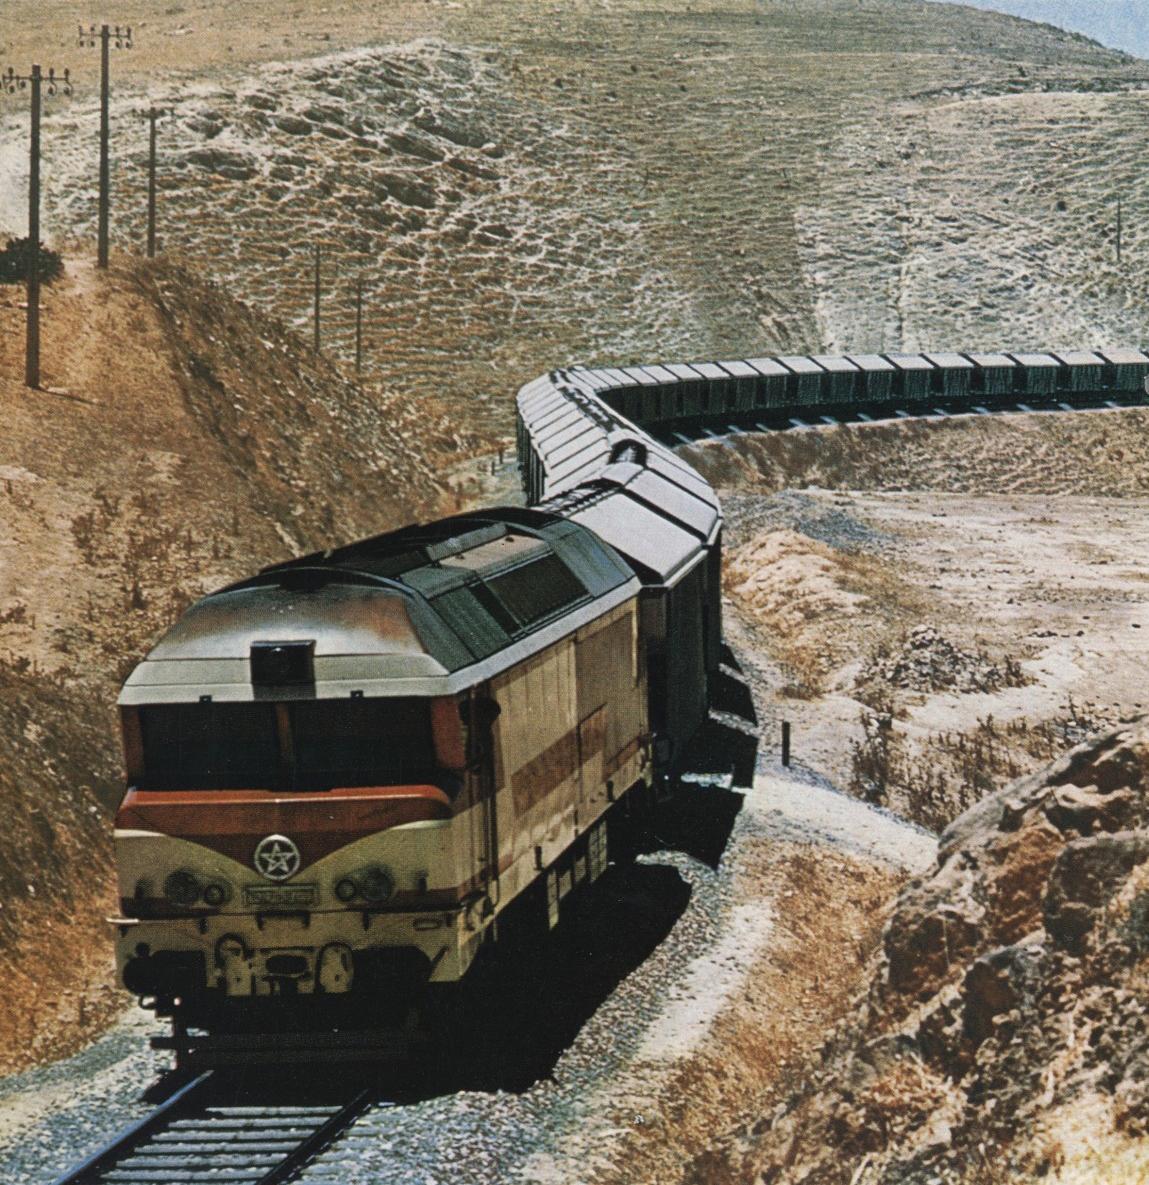 Chemins de Fer au Maroc - ONCF  - Page 5 49812482316_c540ef65bc_o_d